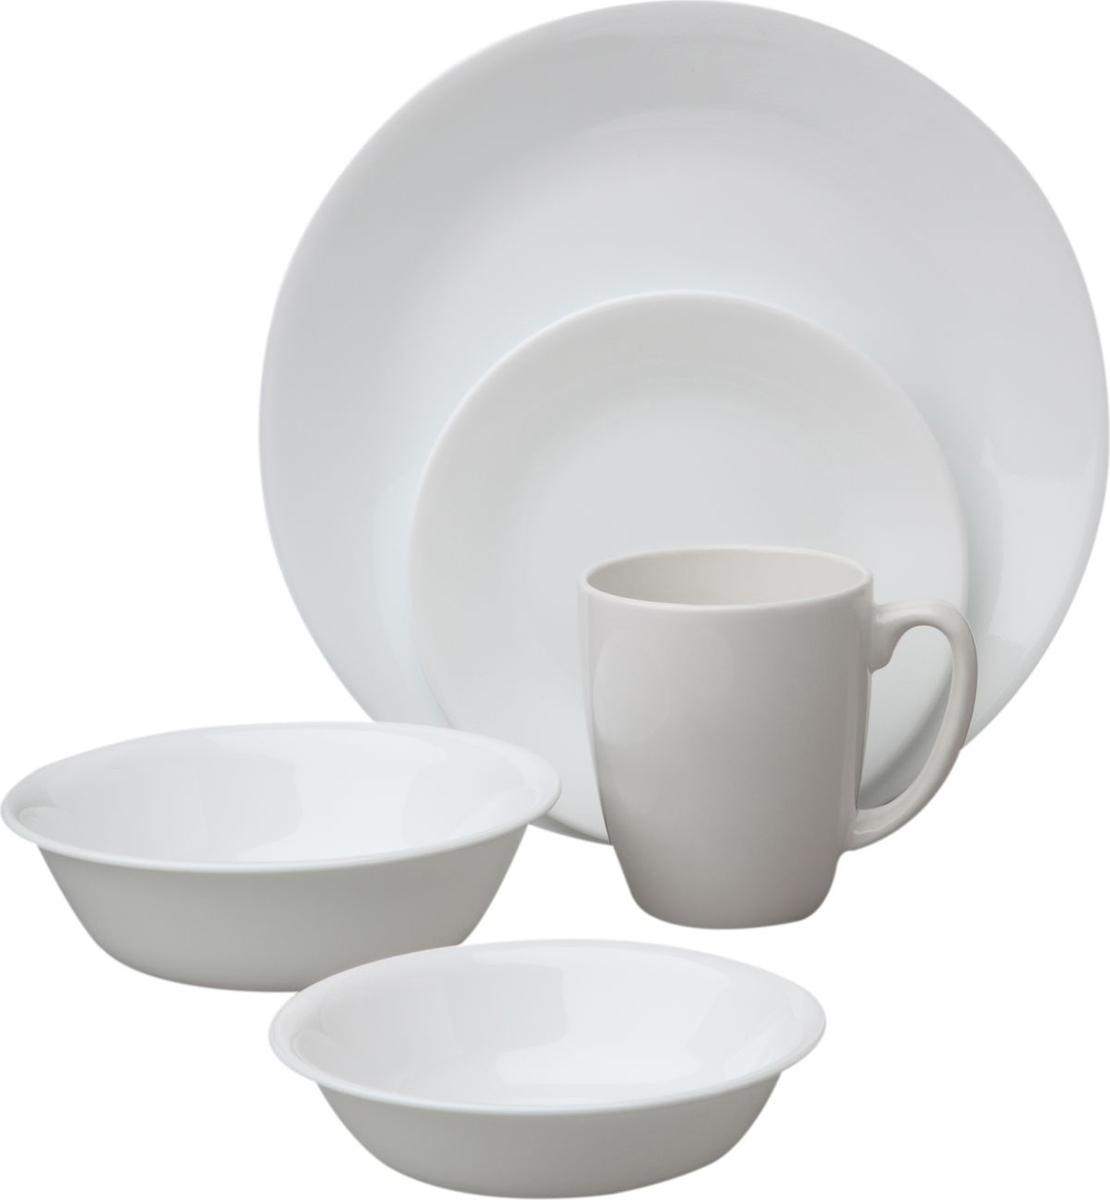 Набор посуды Corelle Winter Frost White, цвет: белый, 30 предметов. 10886591088656Преимуществами посуды Corelle Winter Frost White являются долговечность, красота и безопасность в использовании. Посуда изготавливается из высококачественного ударопрочного трехслойного стекла Vitrelle и украшена деколями американских и европейских дизайнеров. Посуда Corelle не впитывает запахов и очень долгое время выглядит как новая. Уникальная эмаль, используемая во время декорирования, фактически становится единым целым с поверхностью стекла, что гарантирует долгое сохранение нанесенного рисунка. Еще одним из главных преимуществ посуды Corelle является ее безопасность. В производстве используются только безопасные для пищи пигменты эмали, при производстве посуды не применяется вредный для здоровья человека меламин. Изделия из материала Vitrelle прочные и легкие; выдерживают температуру до 180 С. Посуду можно использовать в посудомоечной машине и микроволновой печи.В набор входят: 6 обеденных тарелок - 26 см; 6 десертных тарелок - 17 см; 6 суповых тарелок - 440 мл; 6 суповых тарелок - 530 мл; 6 фарфоровых кружек - 313 мл.